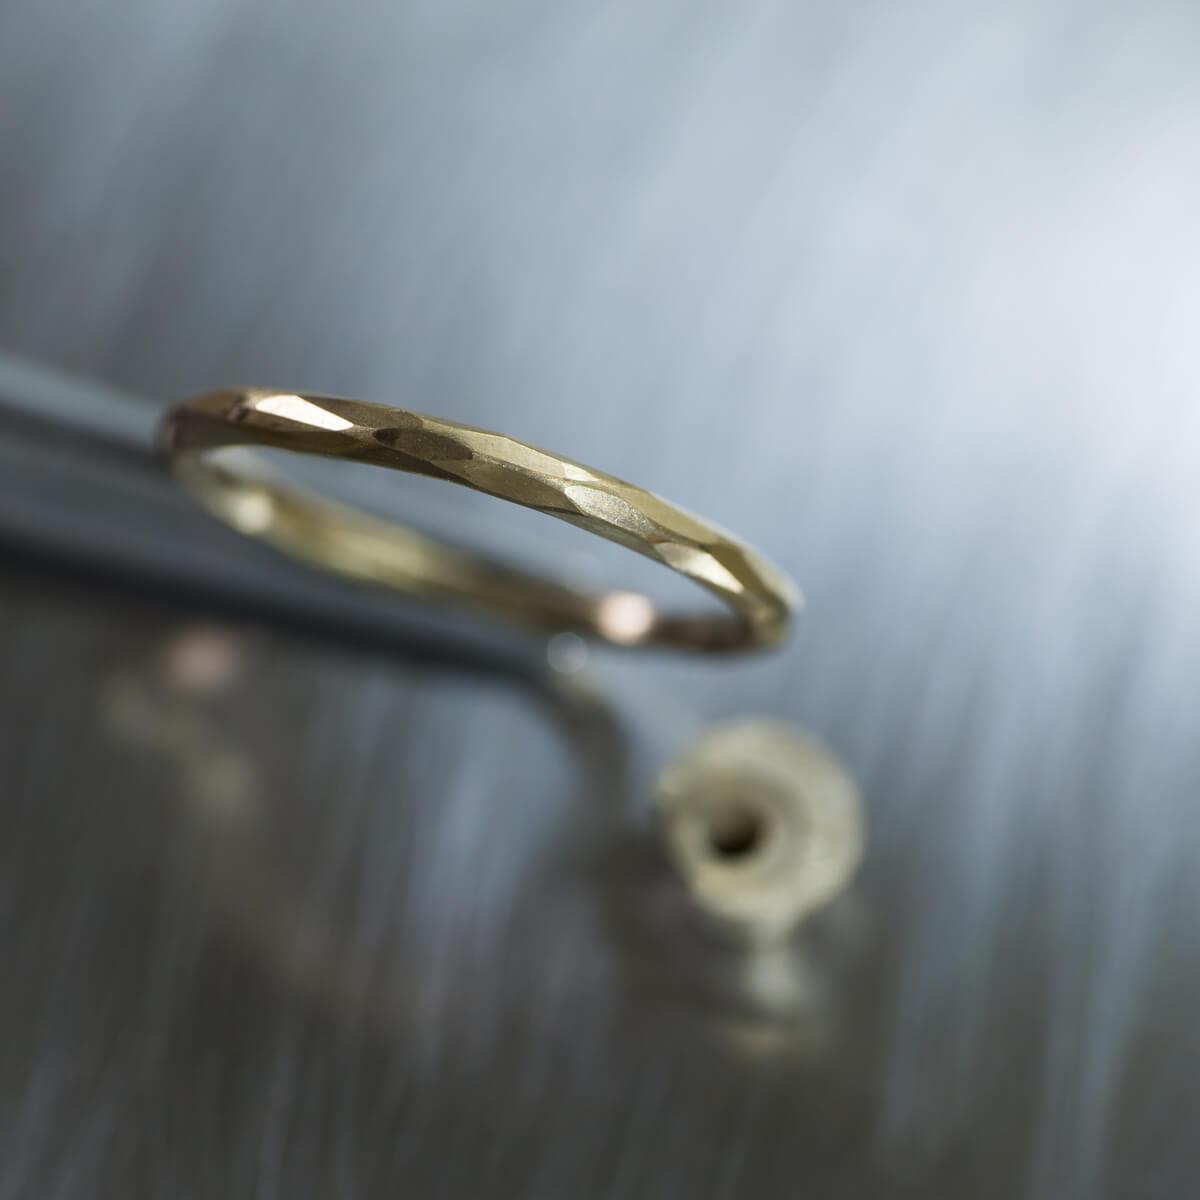 場面3 オーダーメイド結婚指輪の制作風景 ジュエリーのアトリエ シャンパンゴールド 指輪 屋久島でつくる結婚指輪